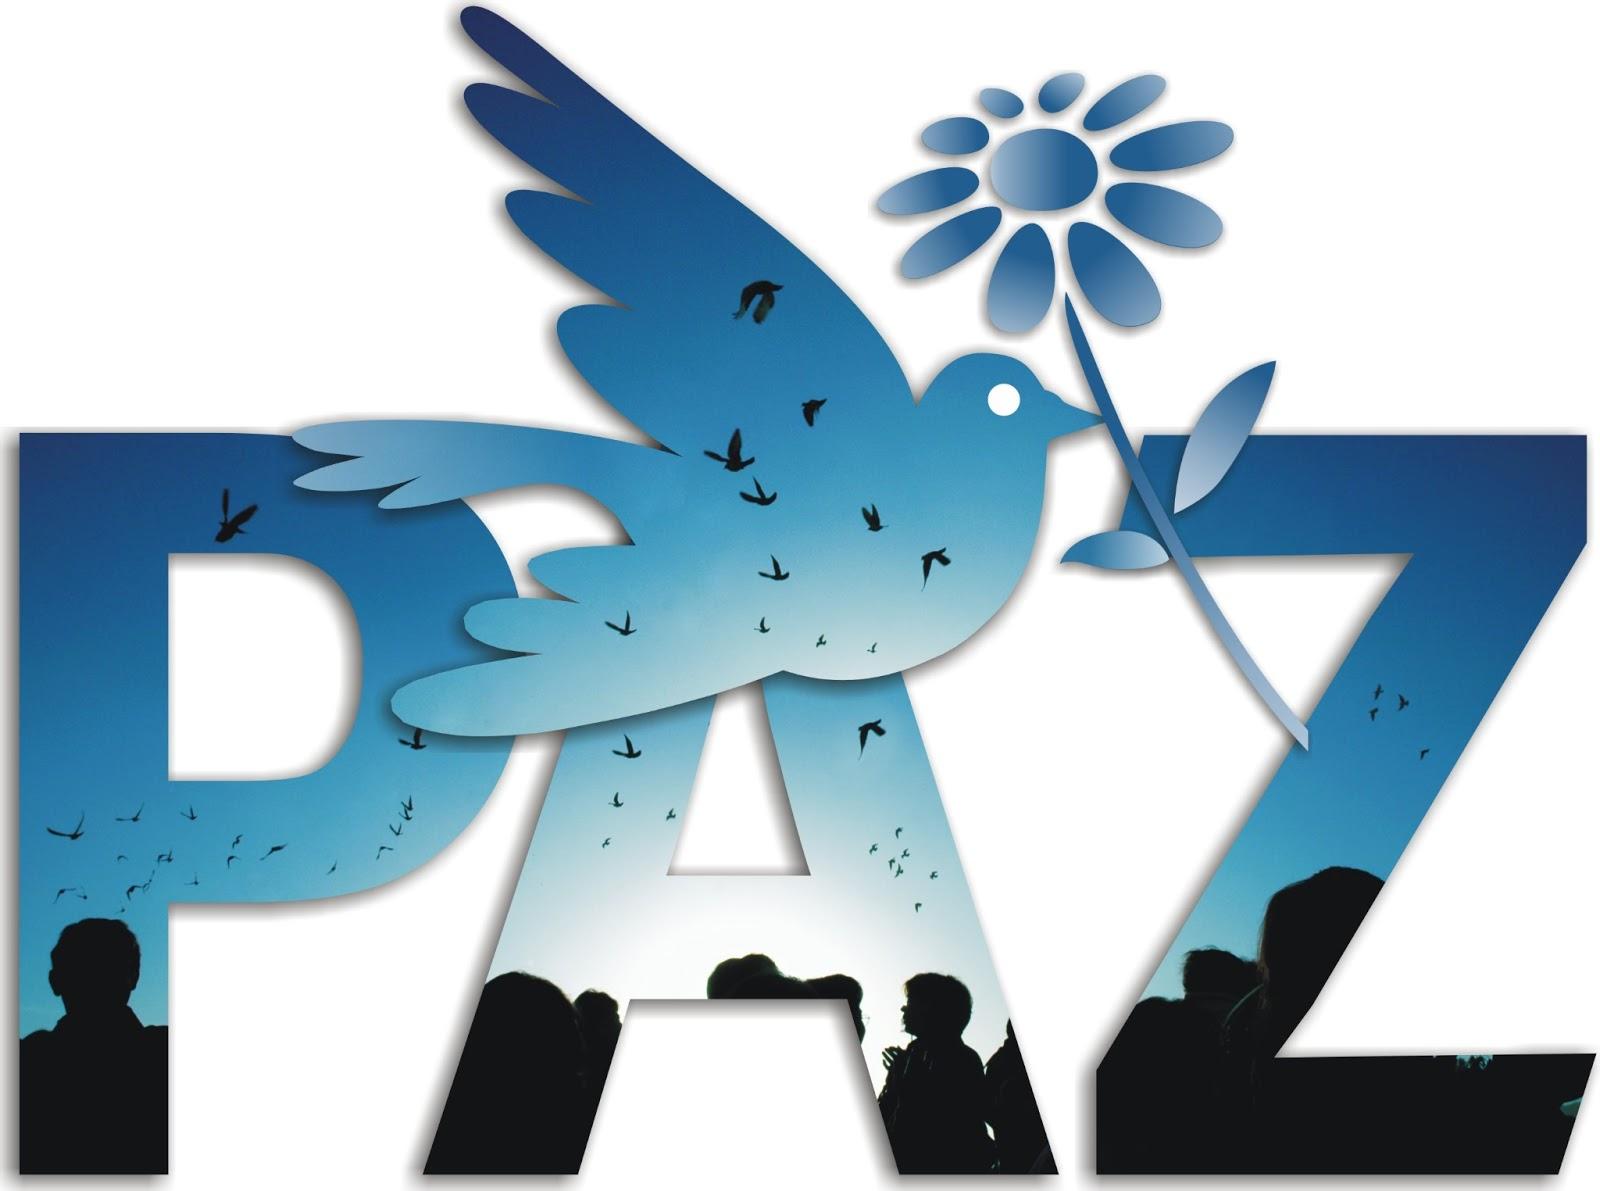 Semana da Paz